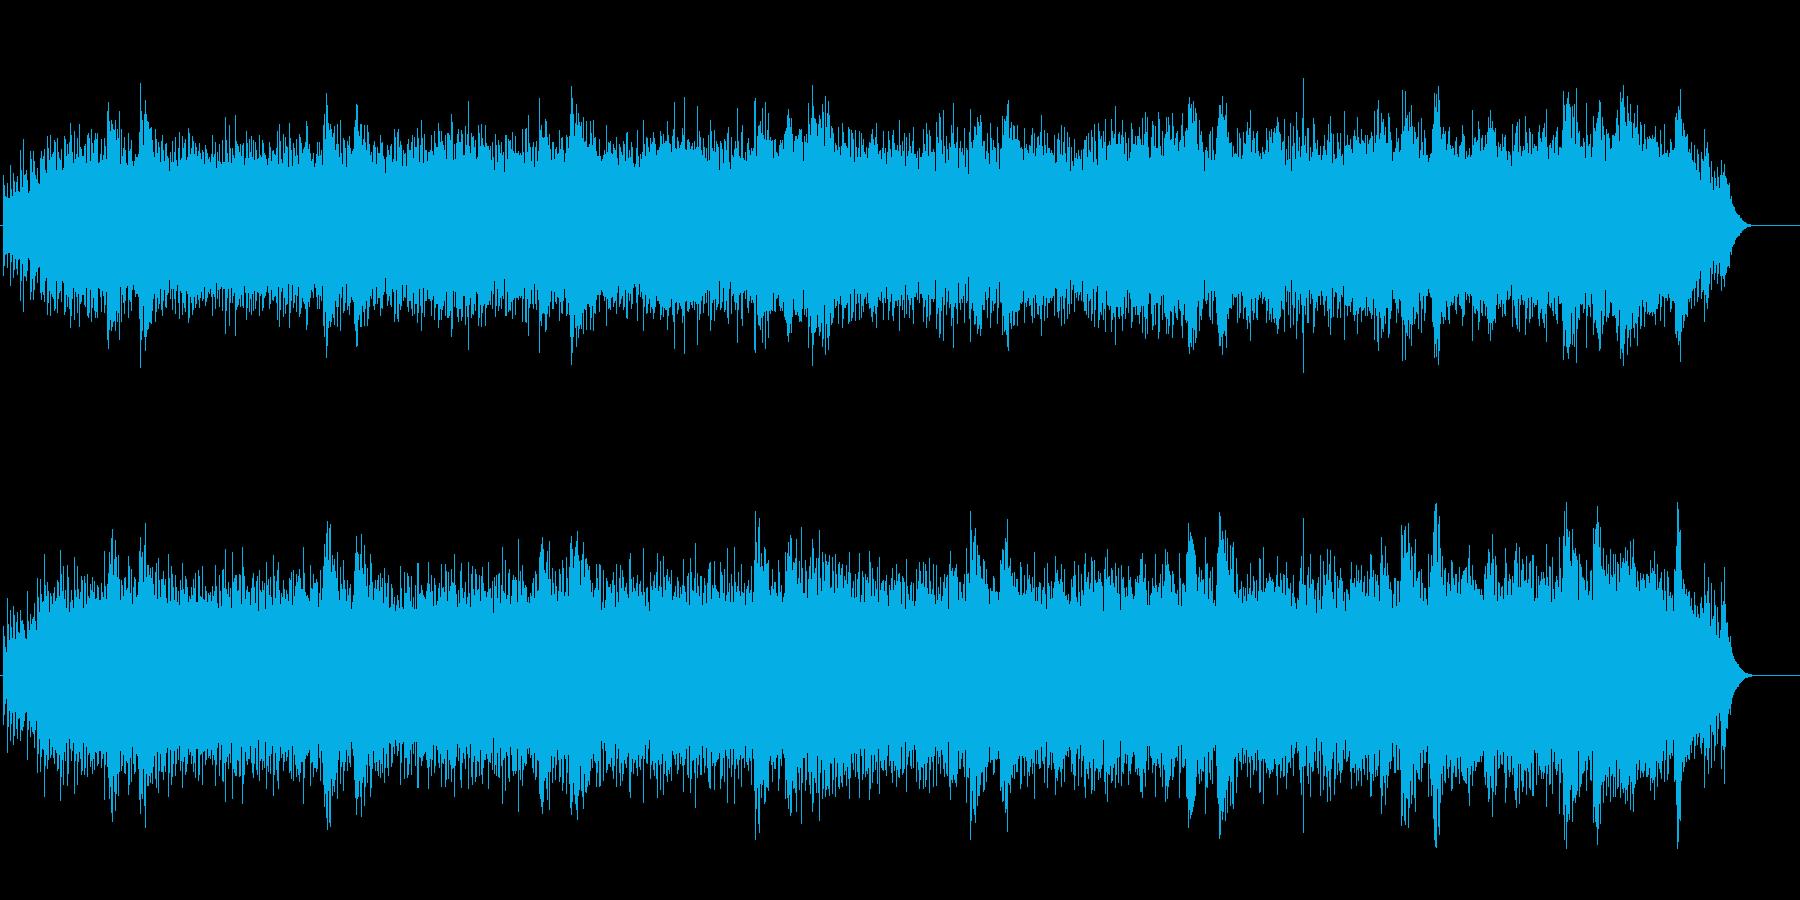 閉じた空間に佇む神秘的アンビ系サウンドの再生済みの波形